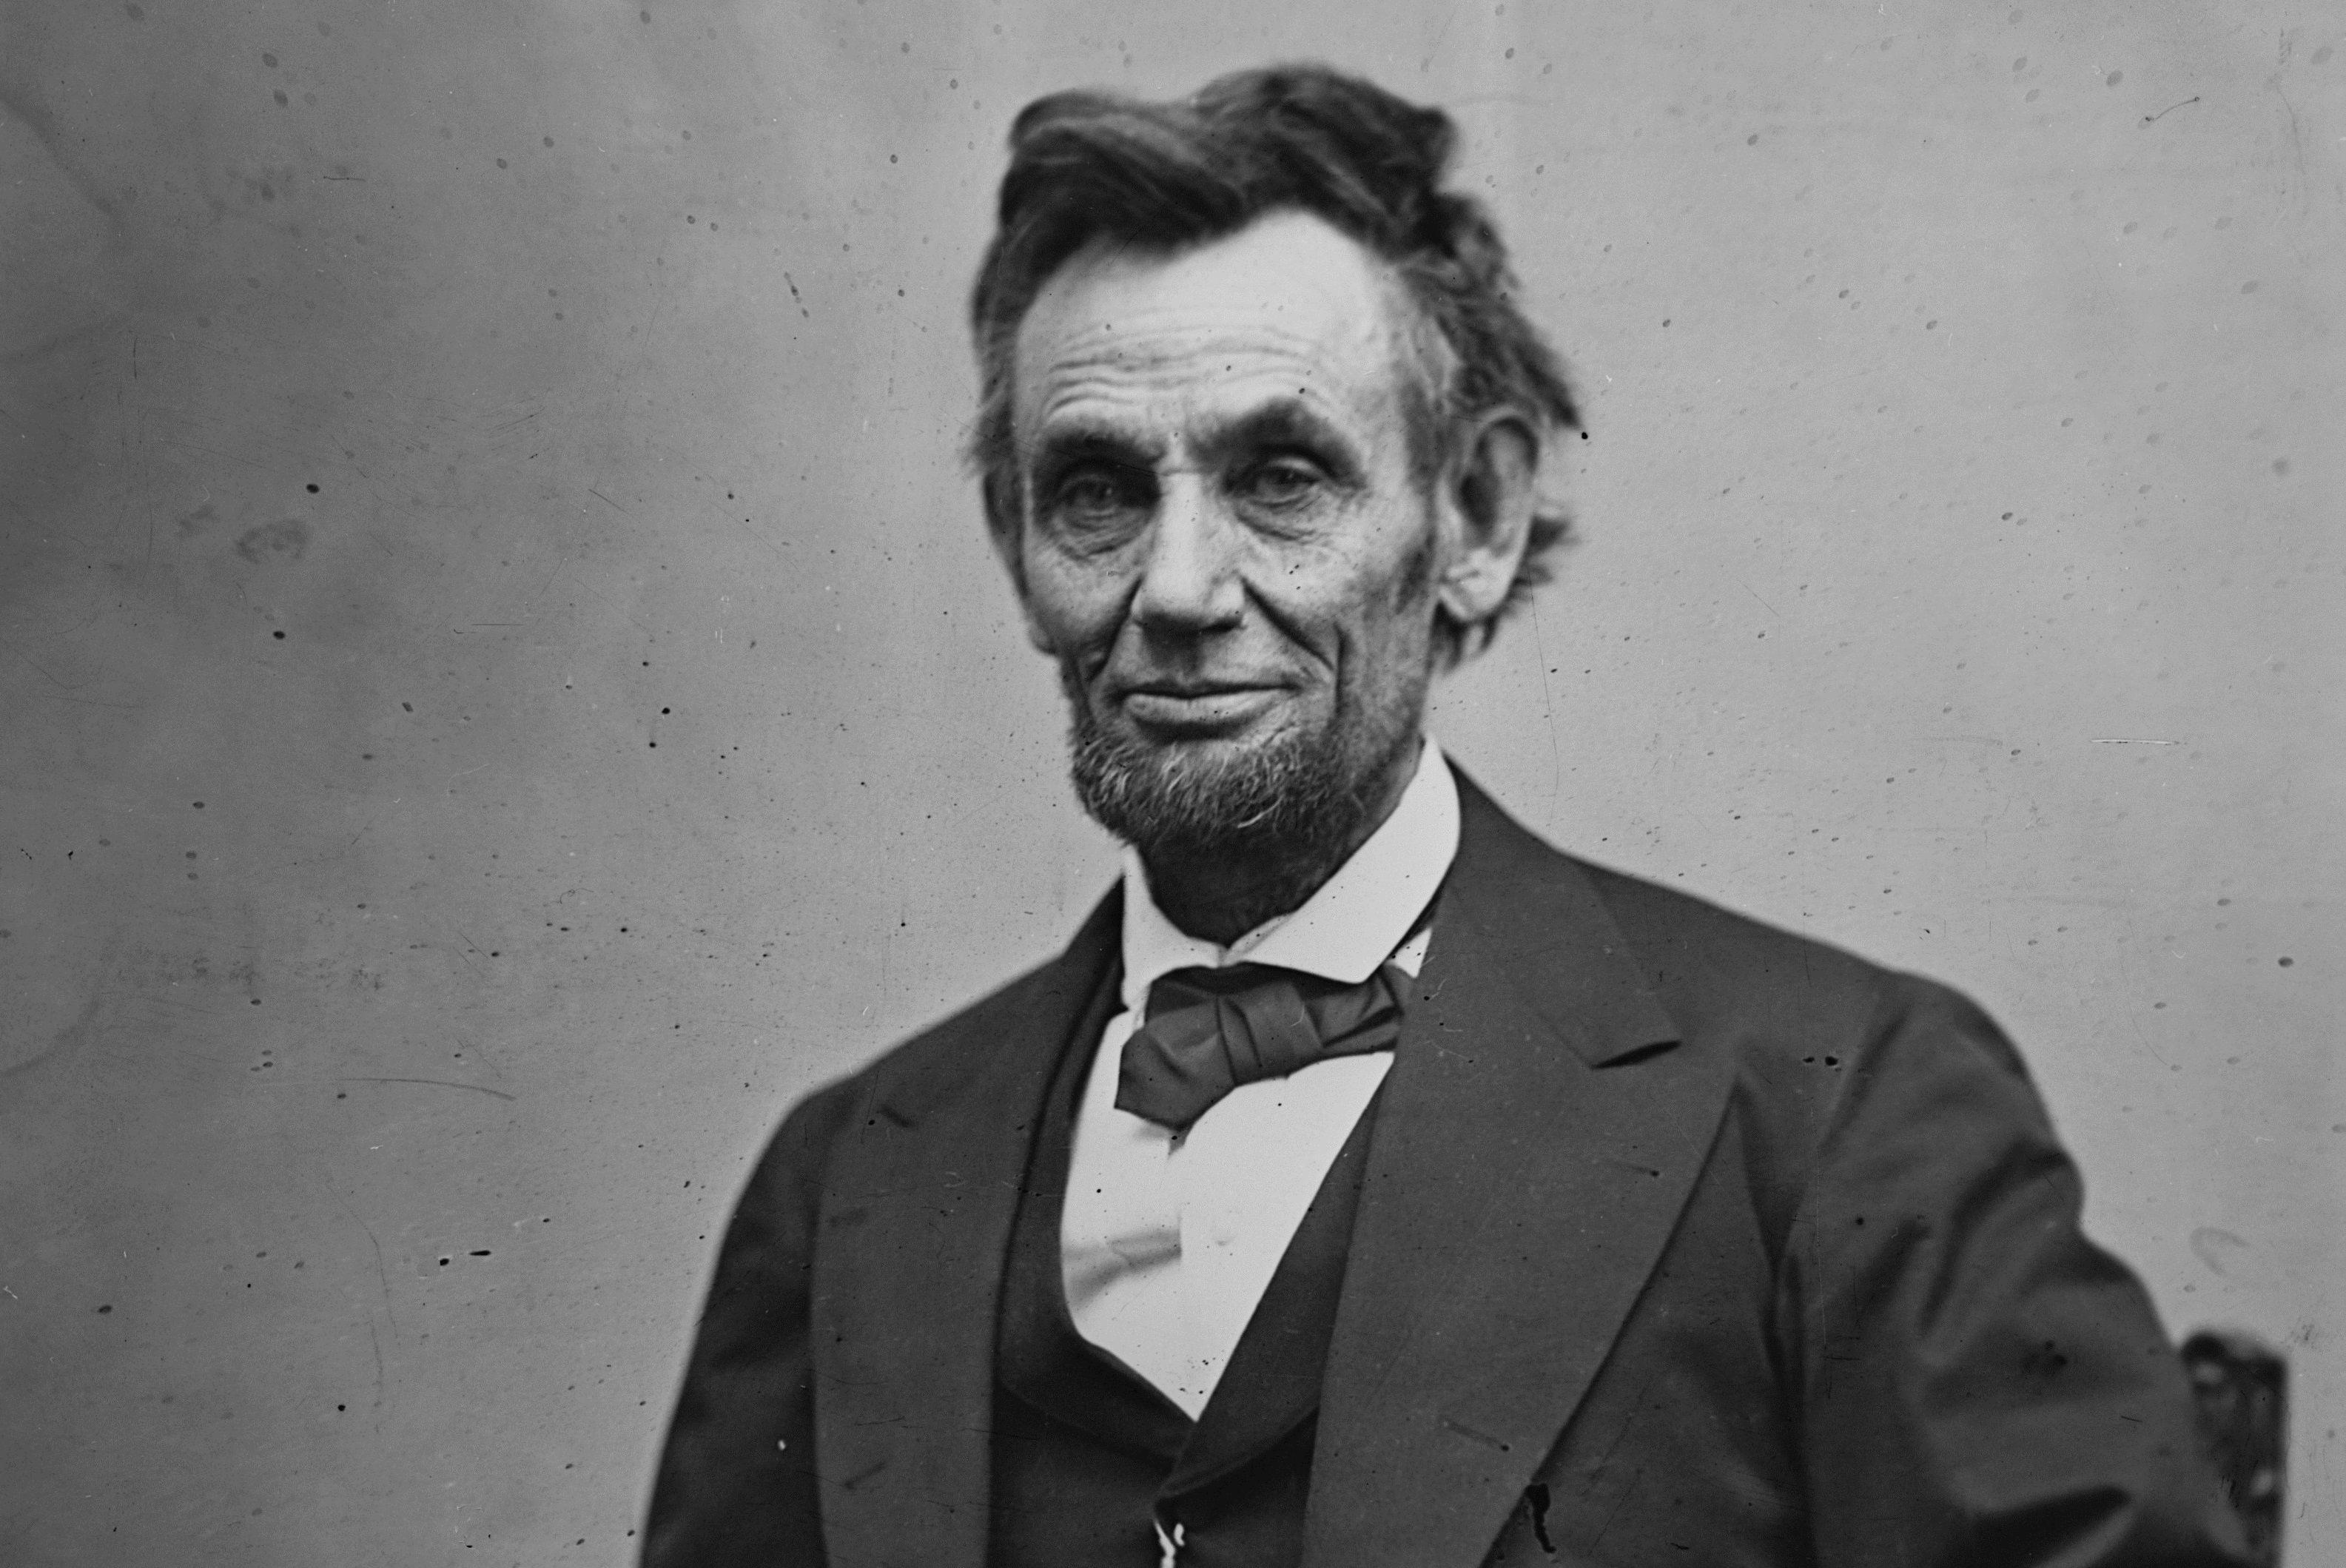 Abraham-Lincoln-Feb65-3170-3x2-56a489563df78cf77282de10.jpg